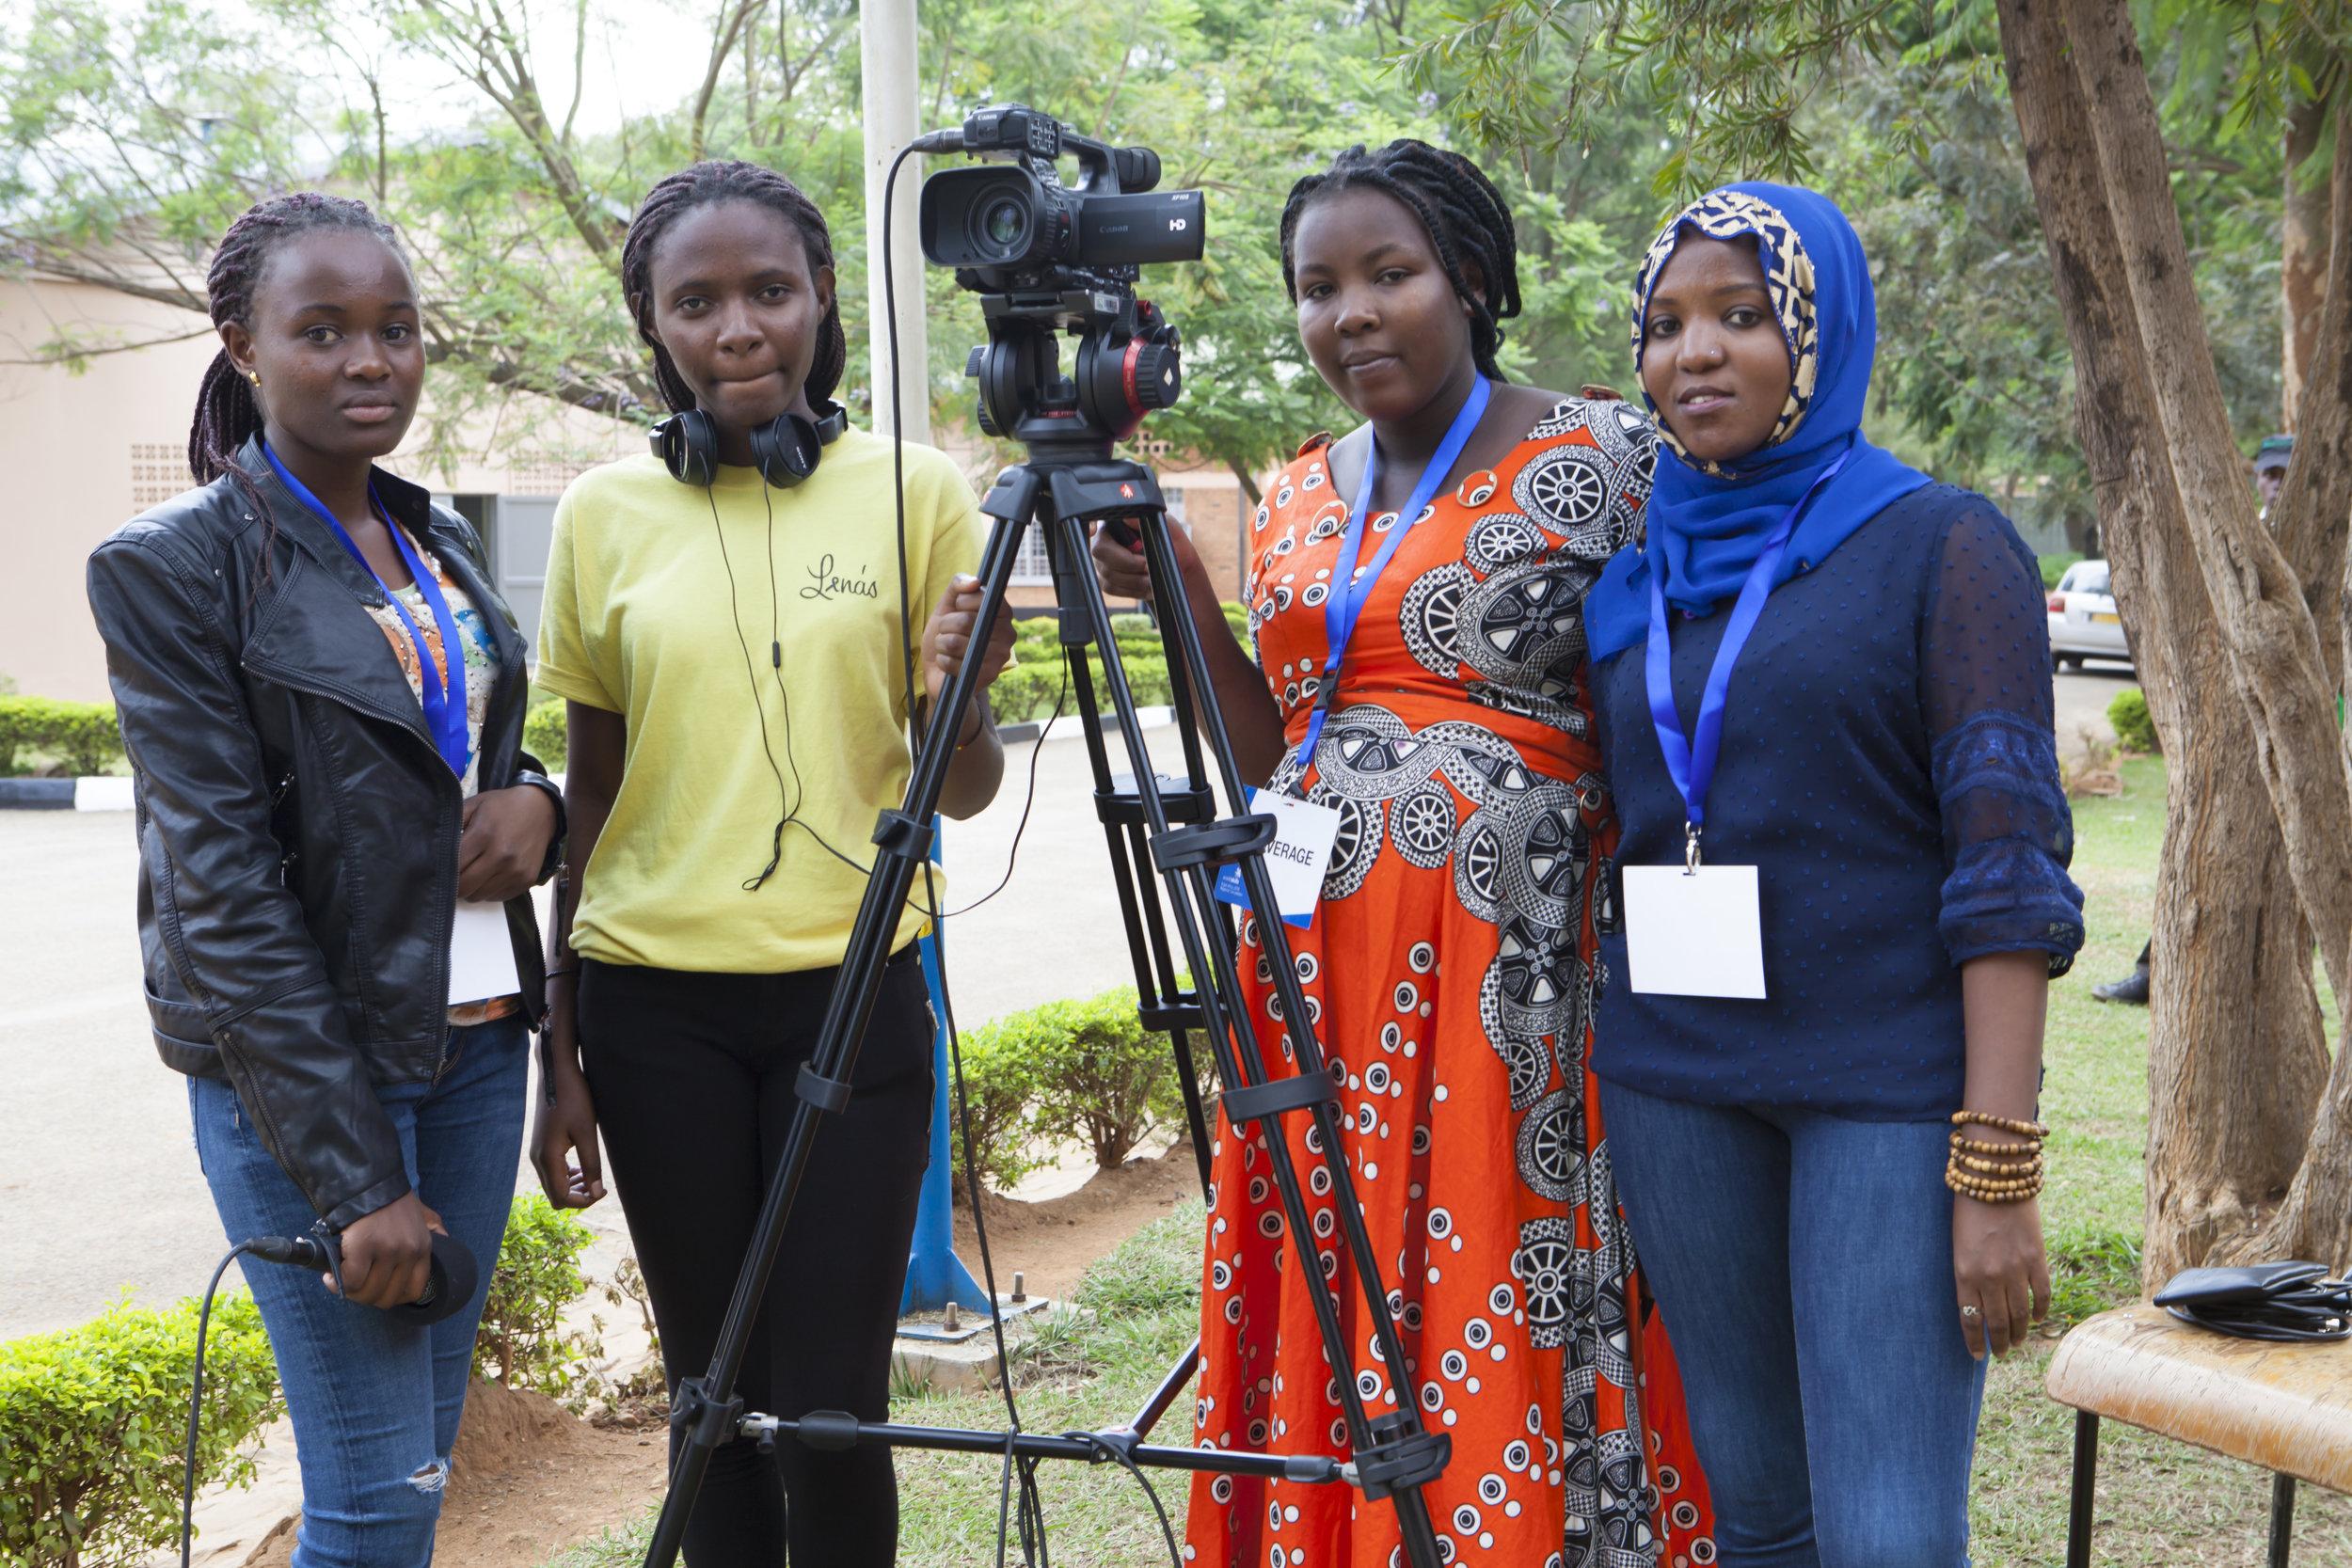 ADMA students Noella Claire Dushakimana, Joselyne Uwamahoro, Didacinne Mujawimana, and Rehema Umwali pose for a photo